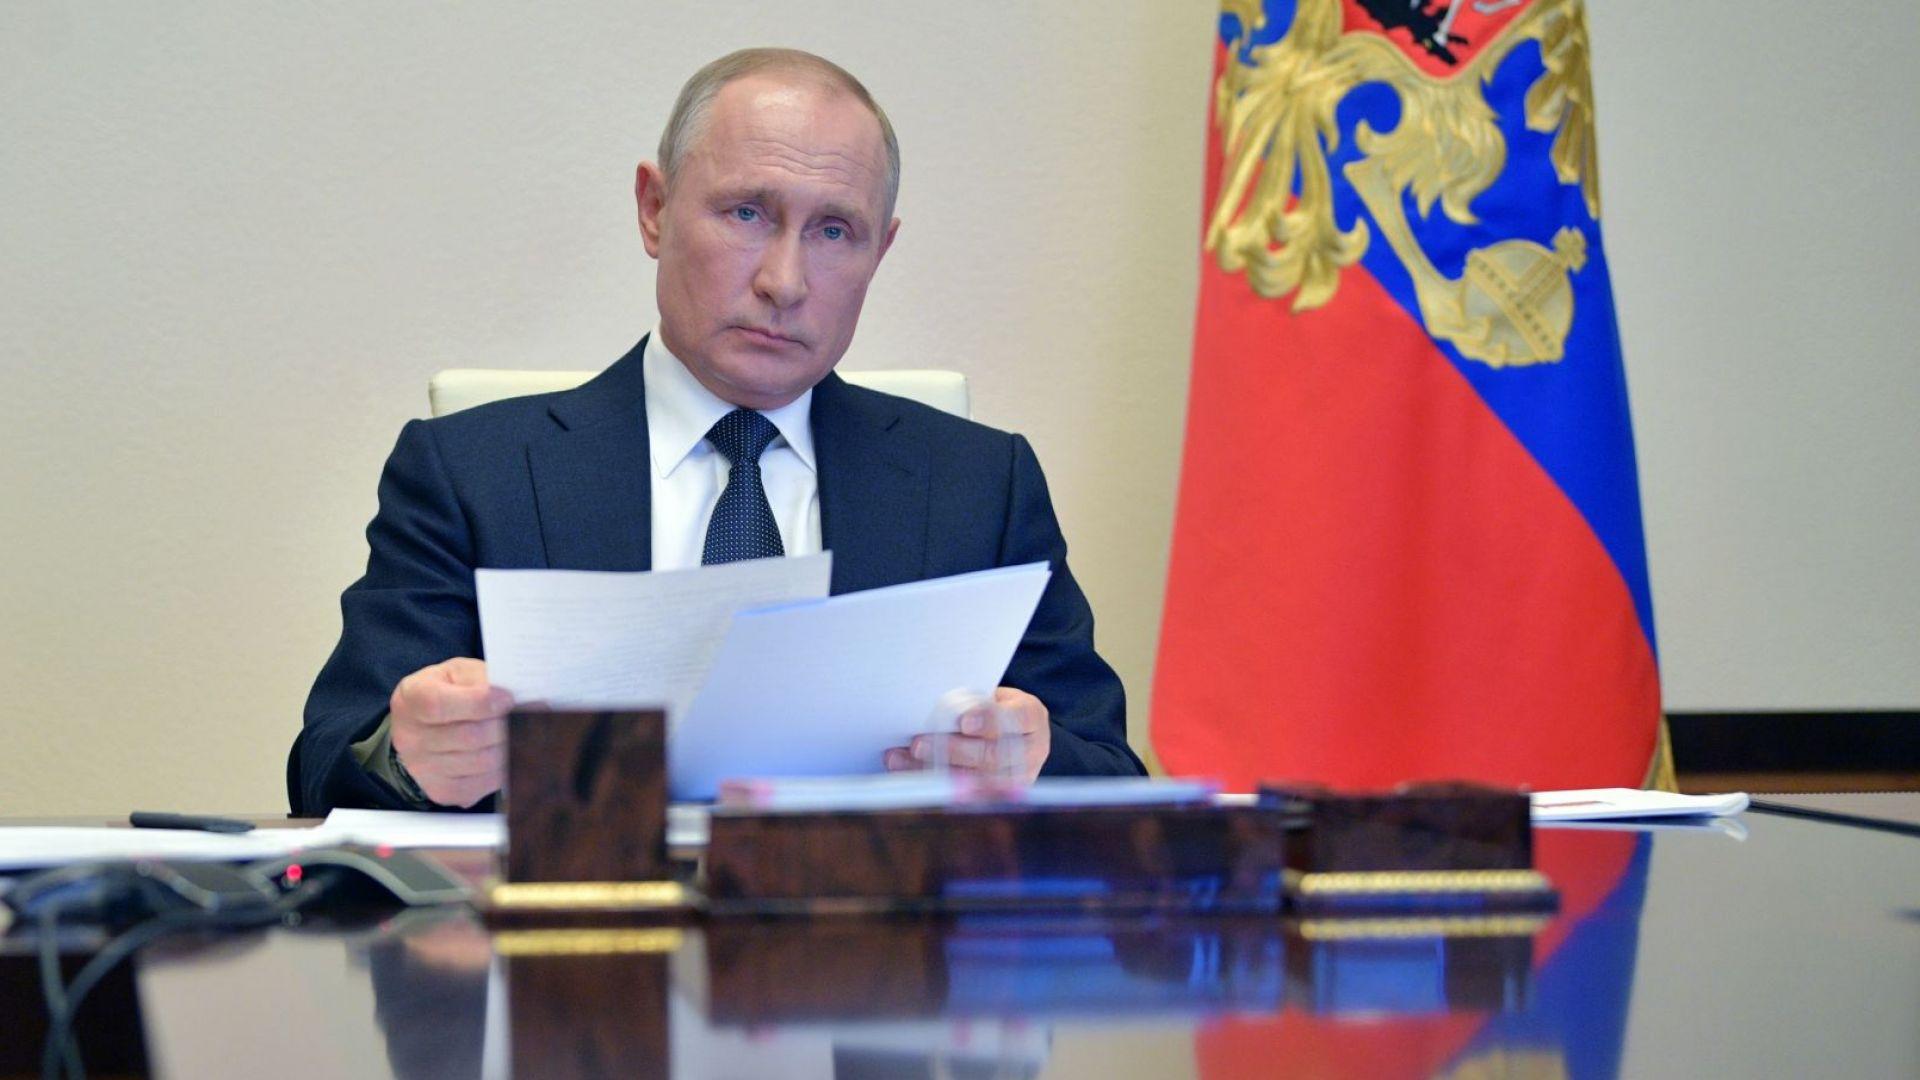 Путин може да се кандидатира за нов президентски мандат